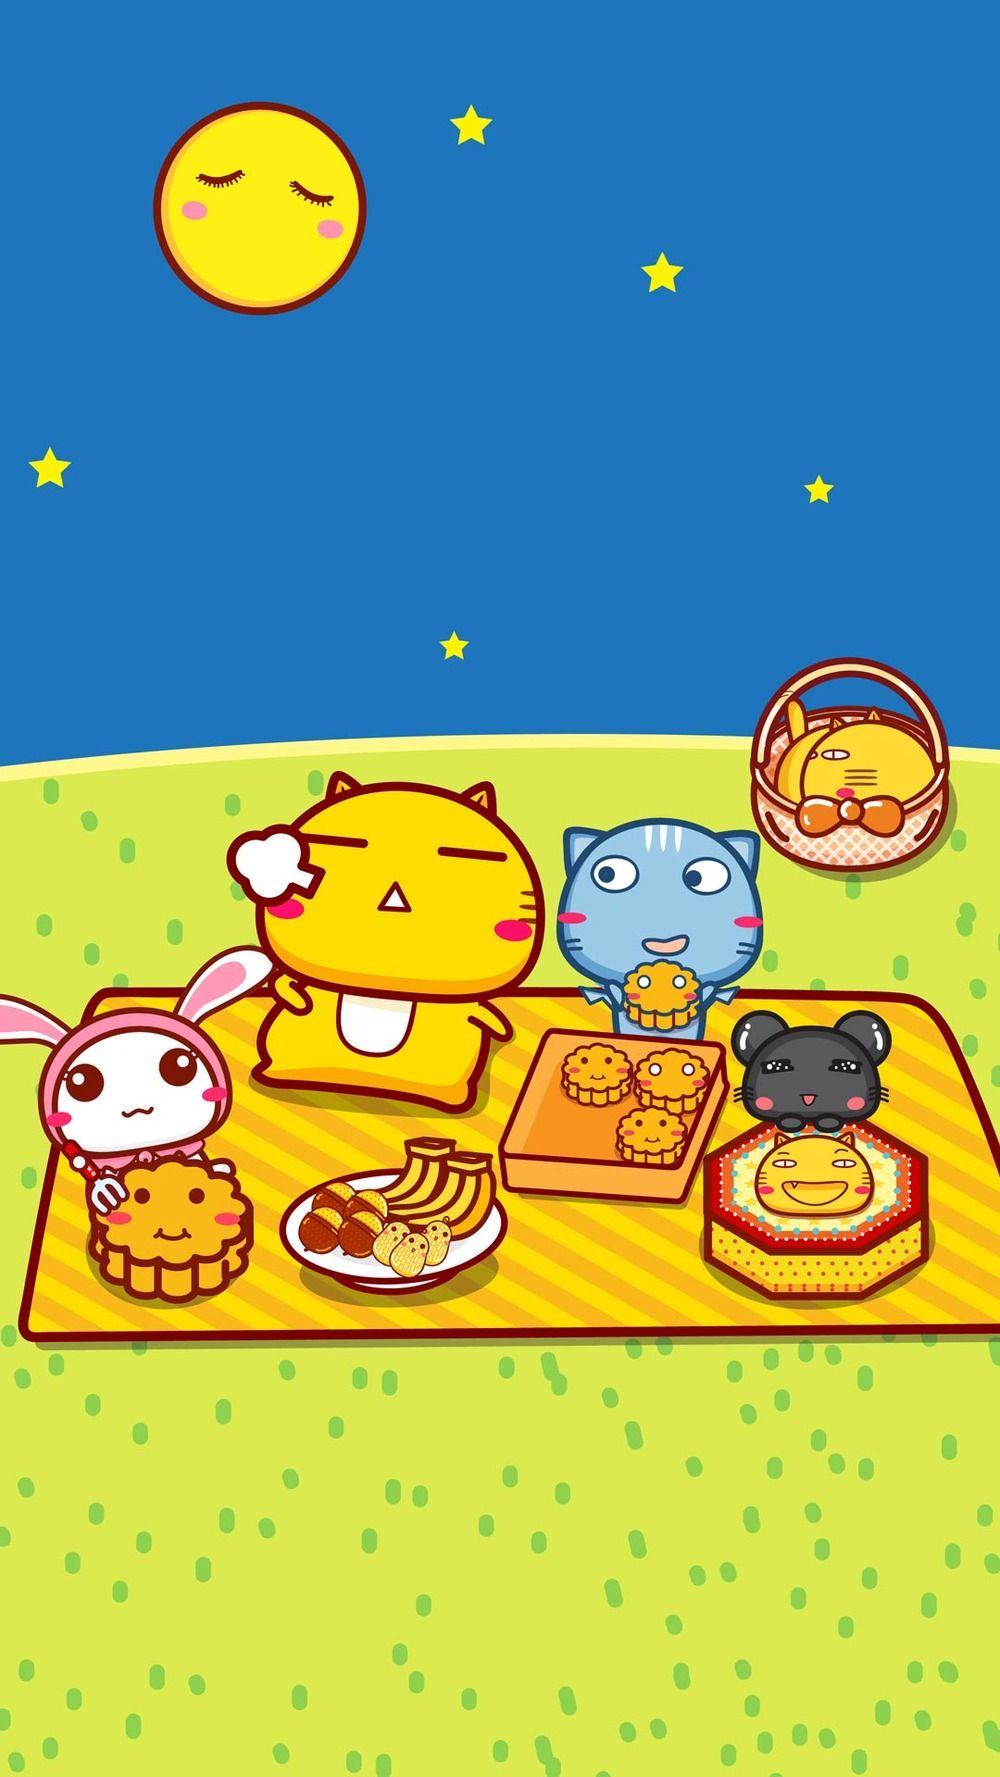 哈咪猫吃月饼吃饱饱.jpg